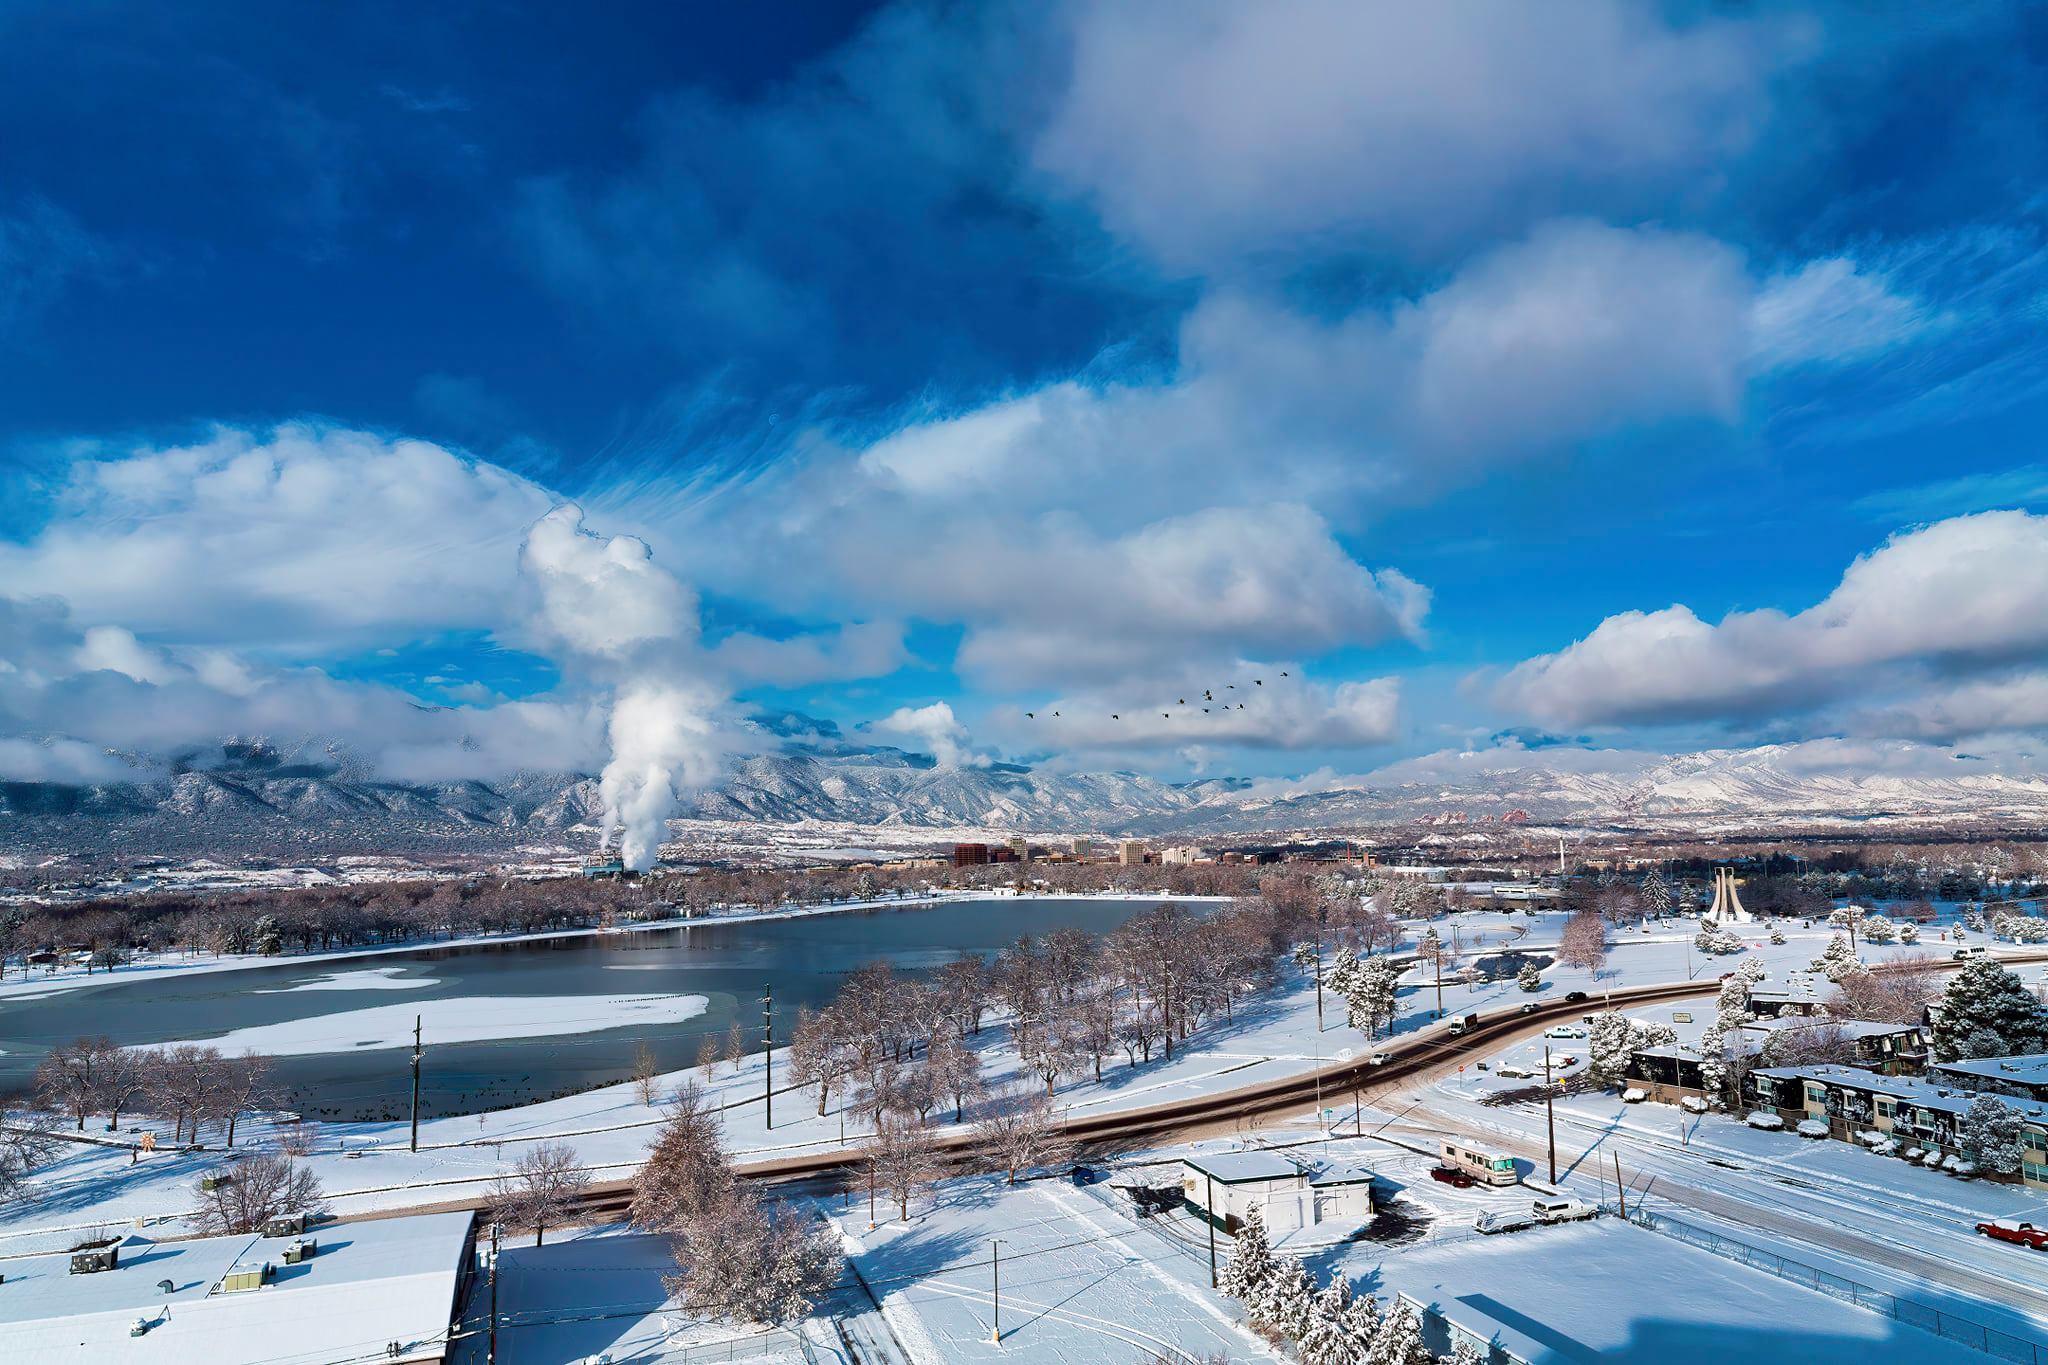 December in Colorado Springs